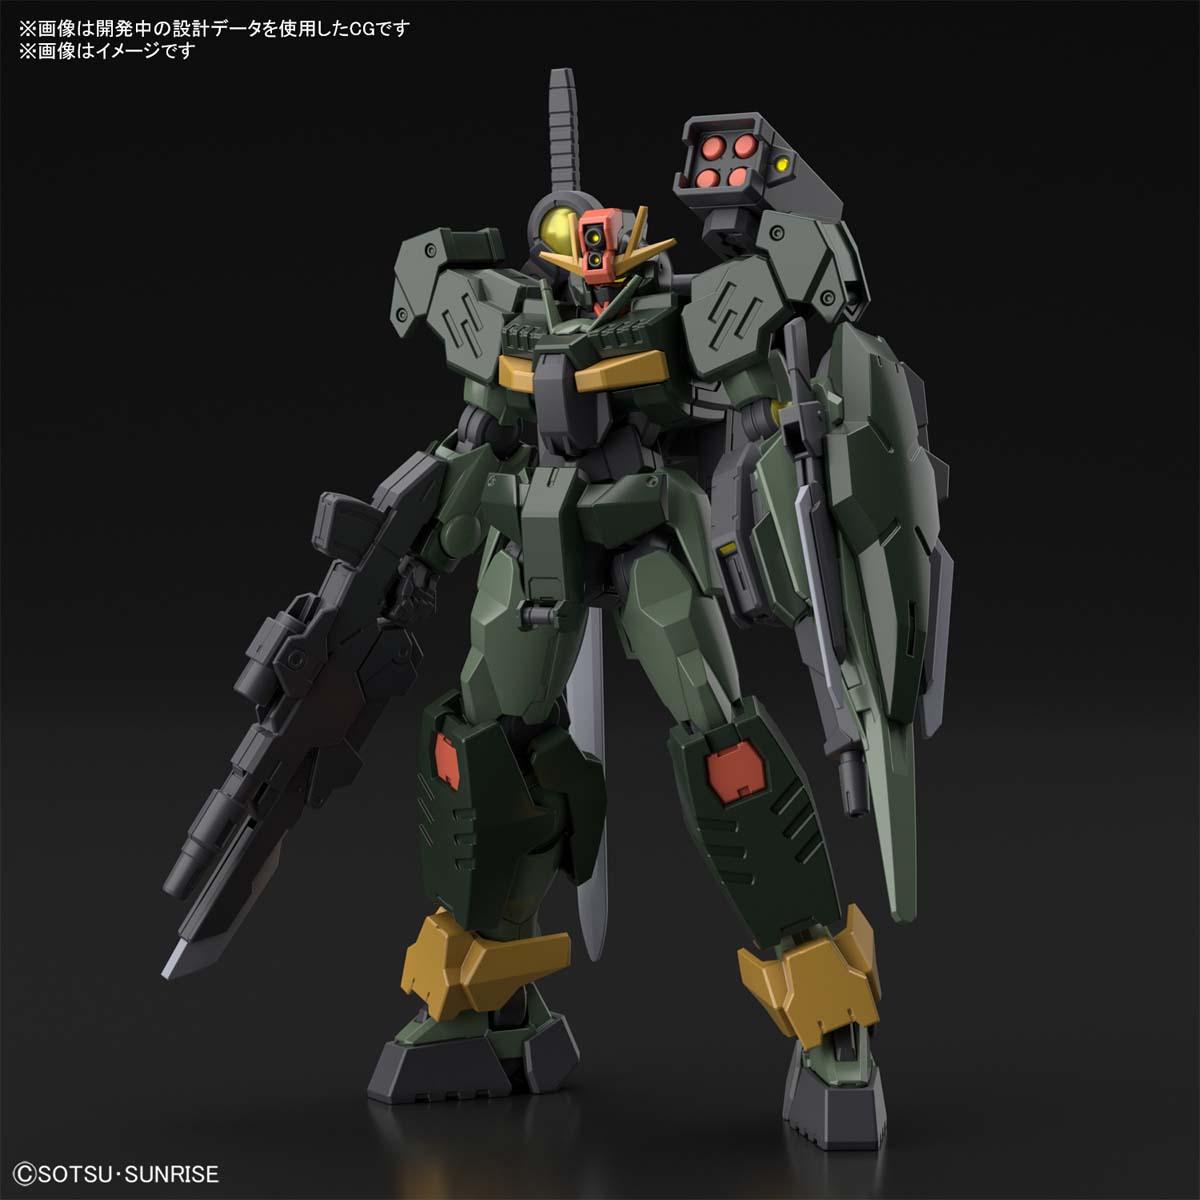 HG 1/144『ガンダムダブルオーコマンドクアンタ』ガンダムブレイカー バトローグ プラモデル-003